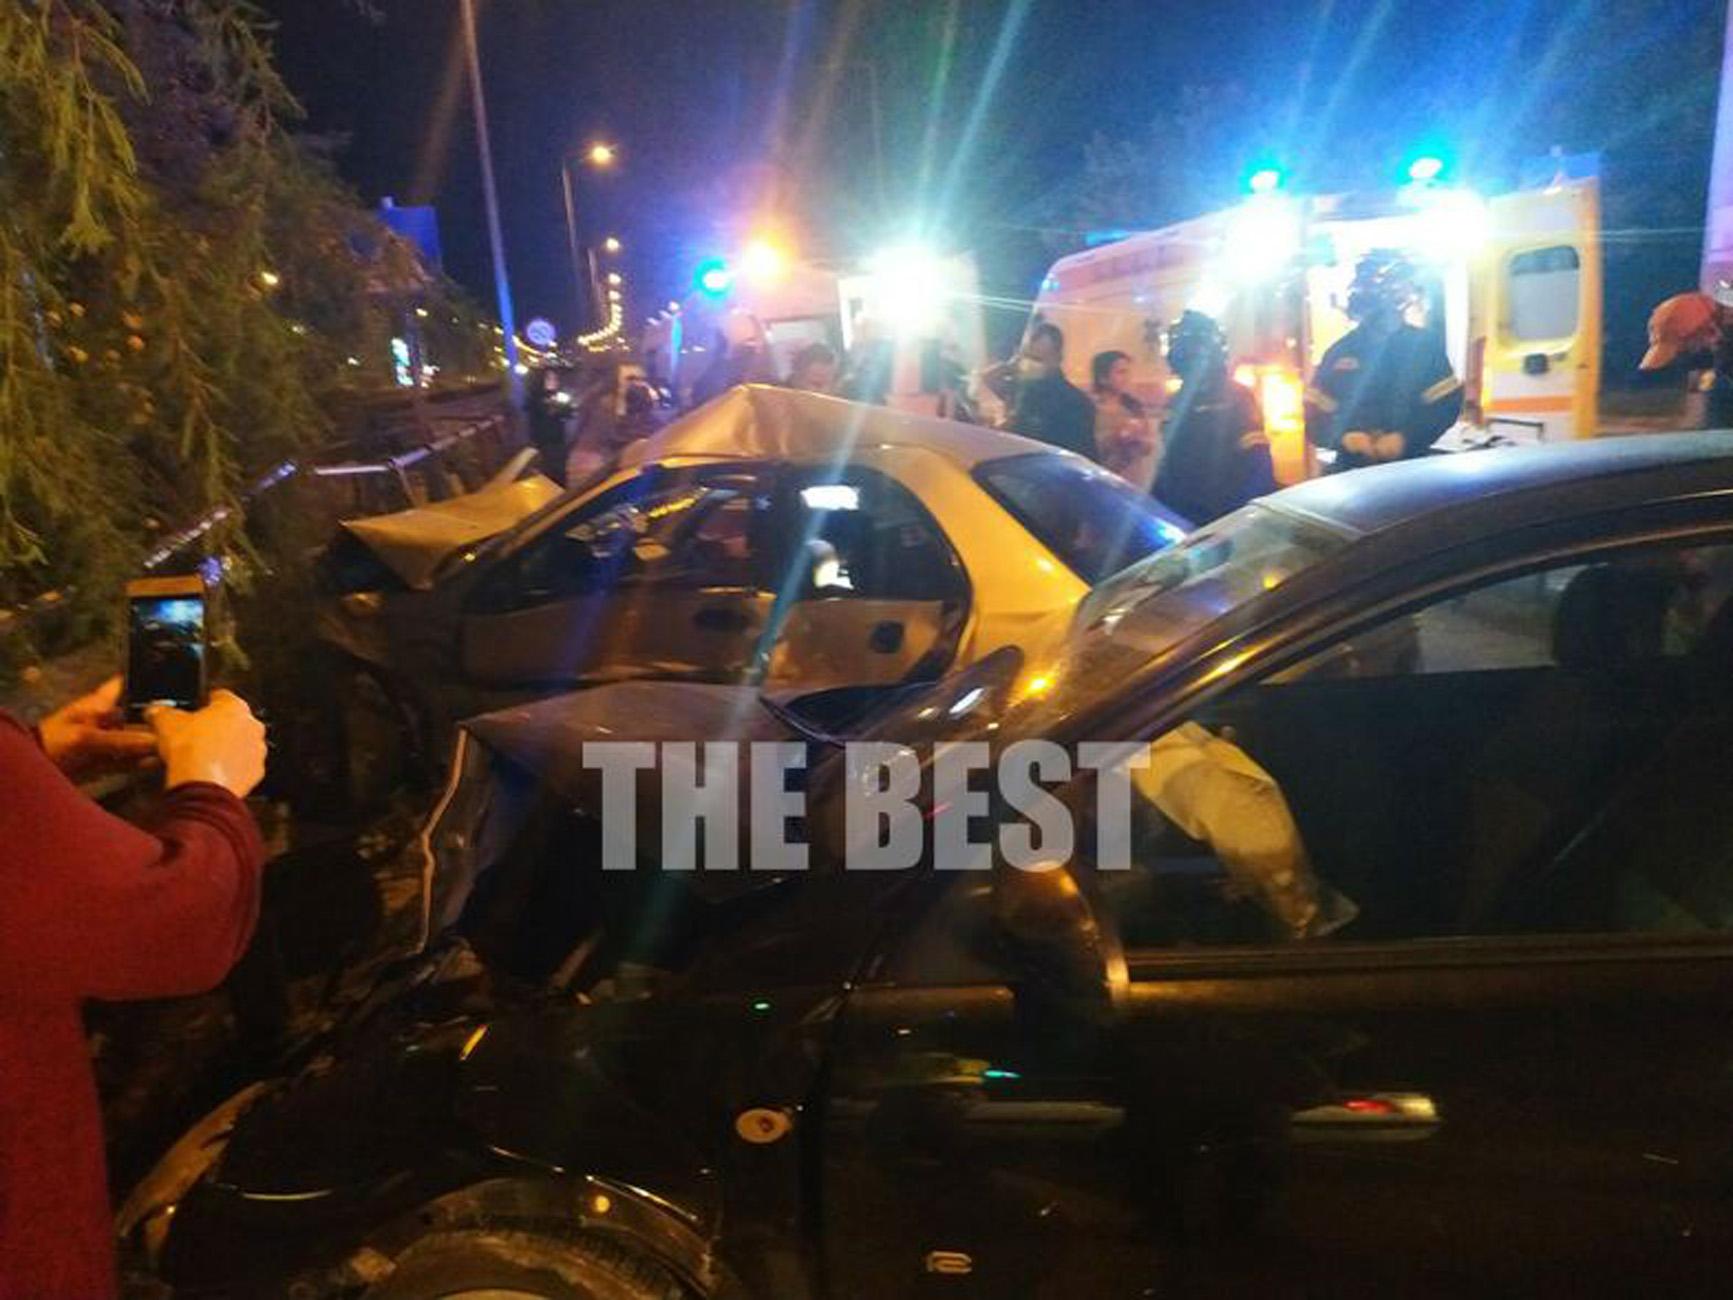 Τροχαίο με 5 τραυματίες στην Πάτρα – Τα αυτοκίνητα έπεσαν στις μπάρες